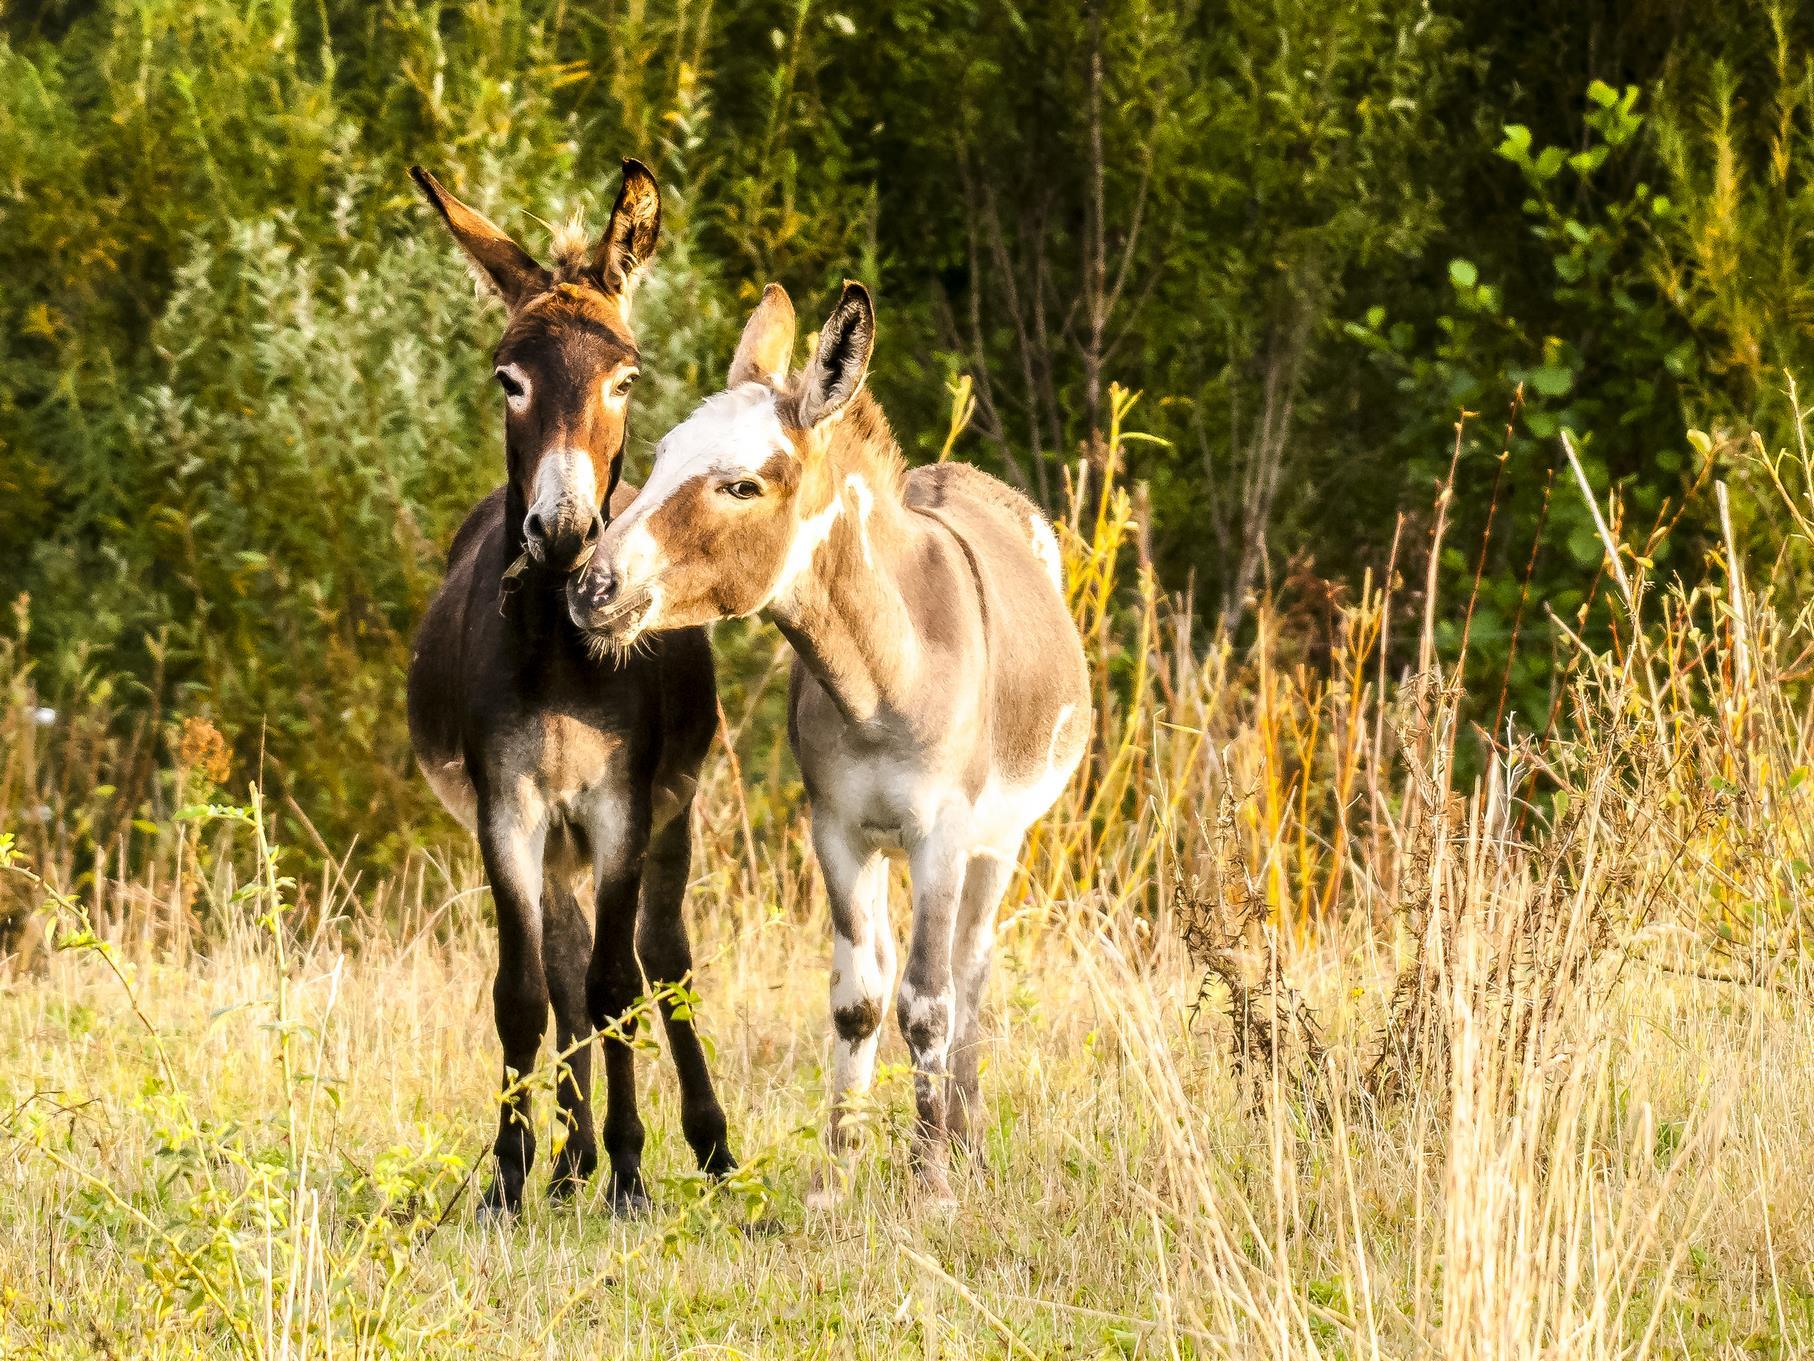 Die beiden Esel fühlen sich auf der Weide am Rundweg wohl.